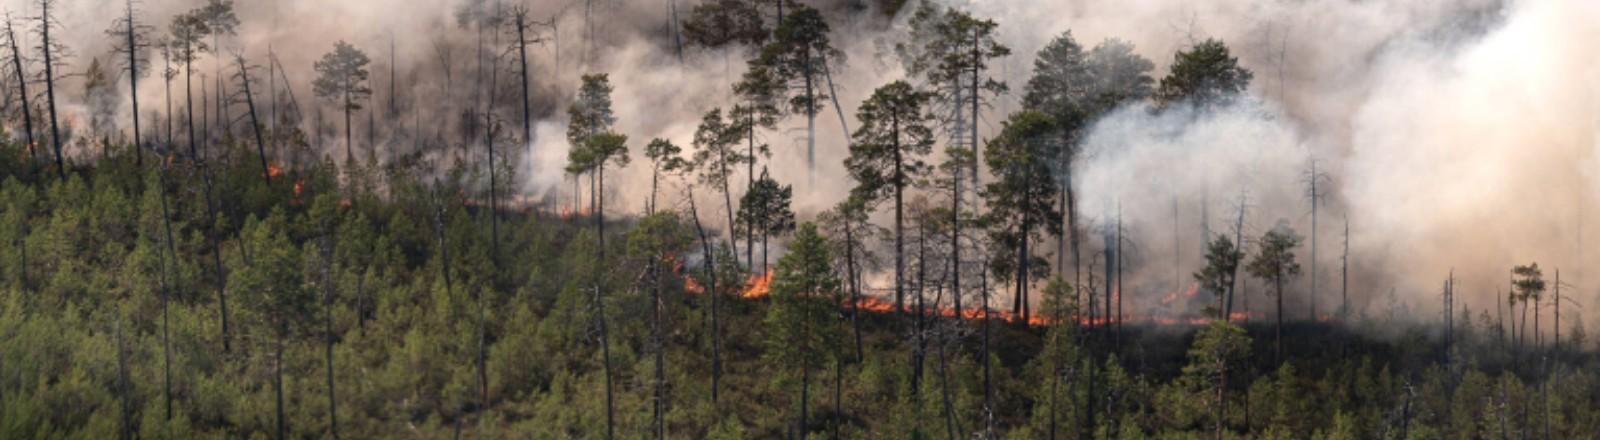 Ein Waldbrand in Russland